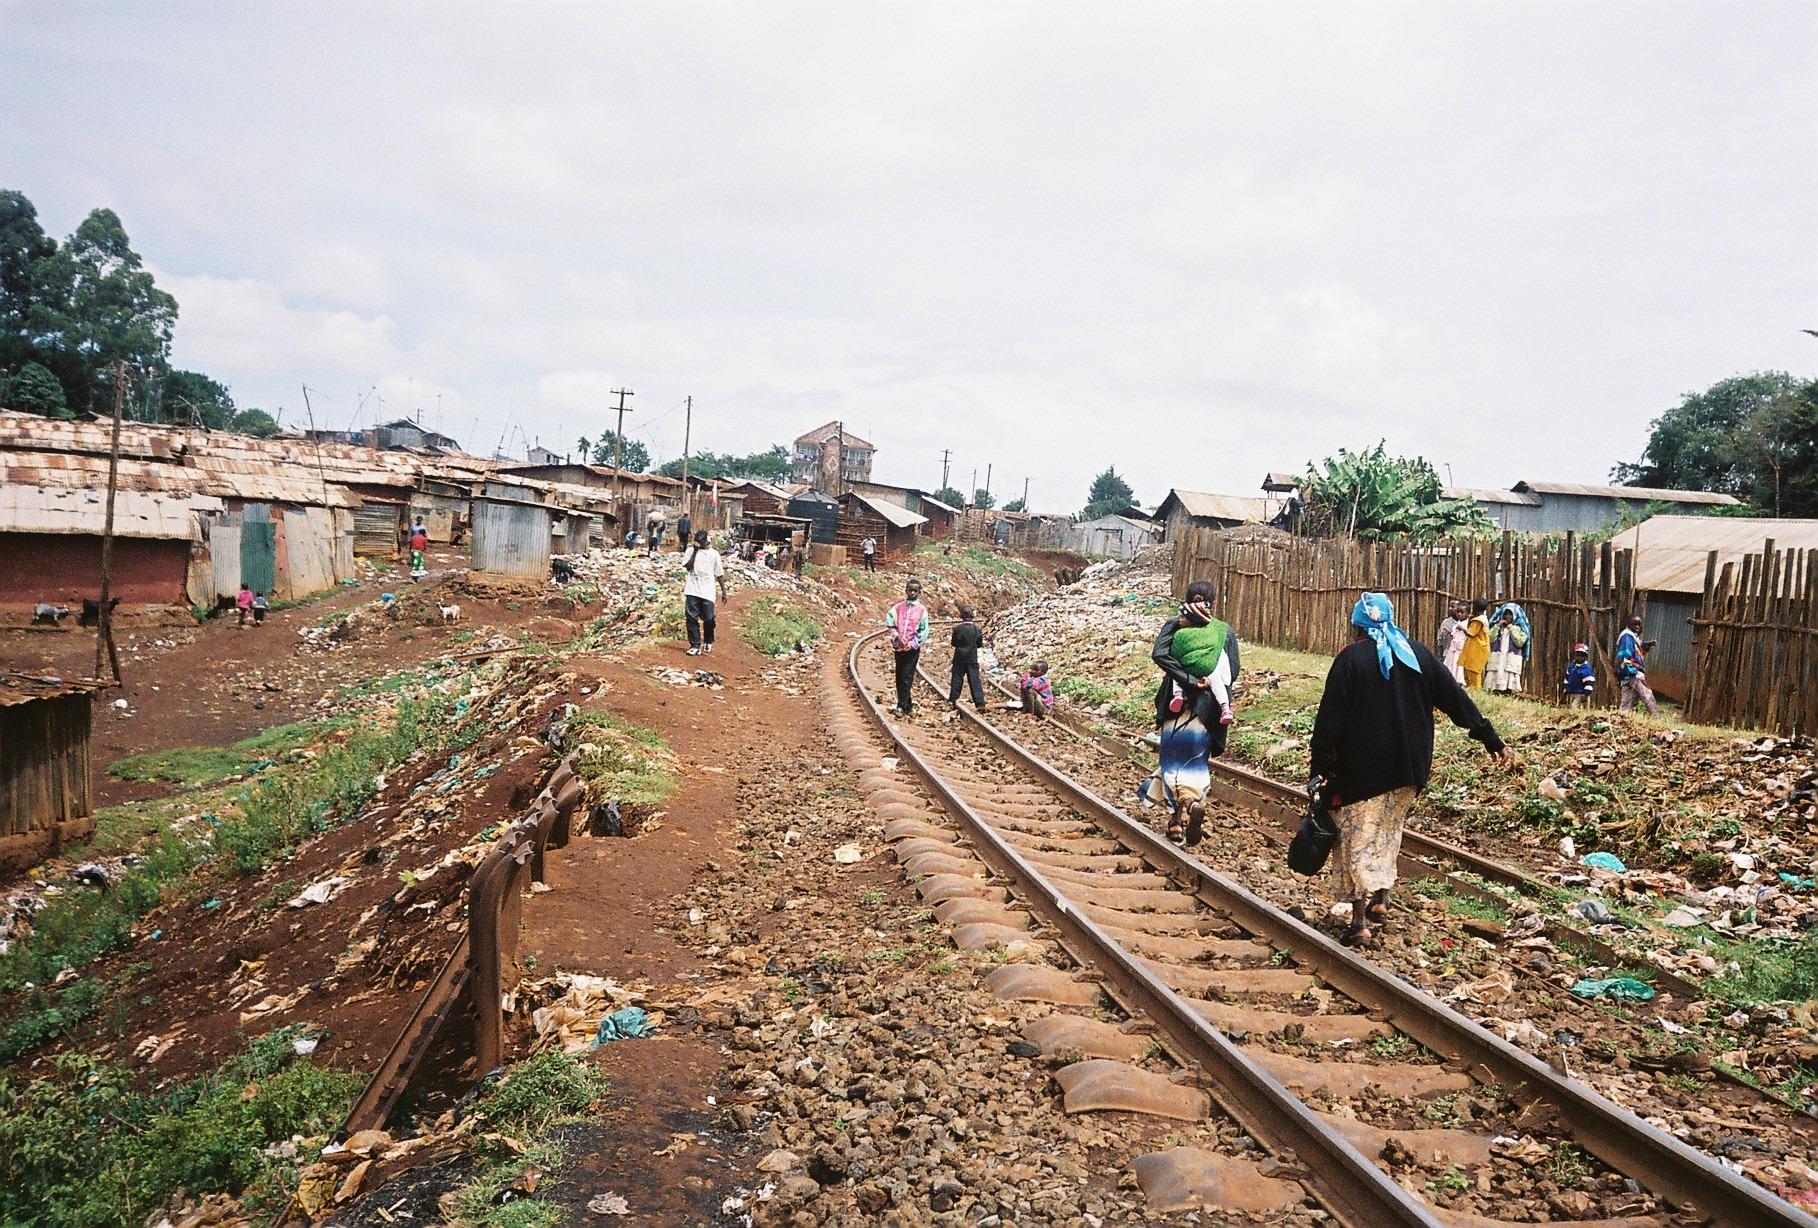 Slováci pomáhajú rodinám v Afrike